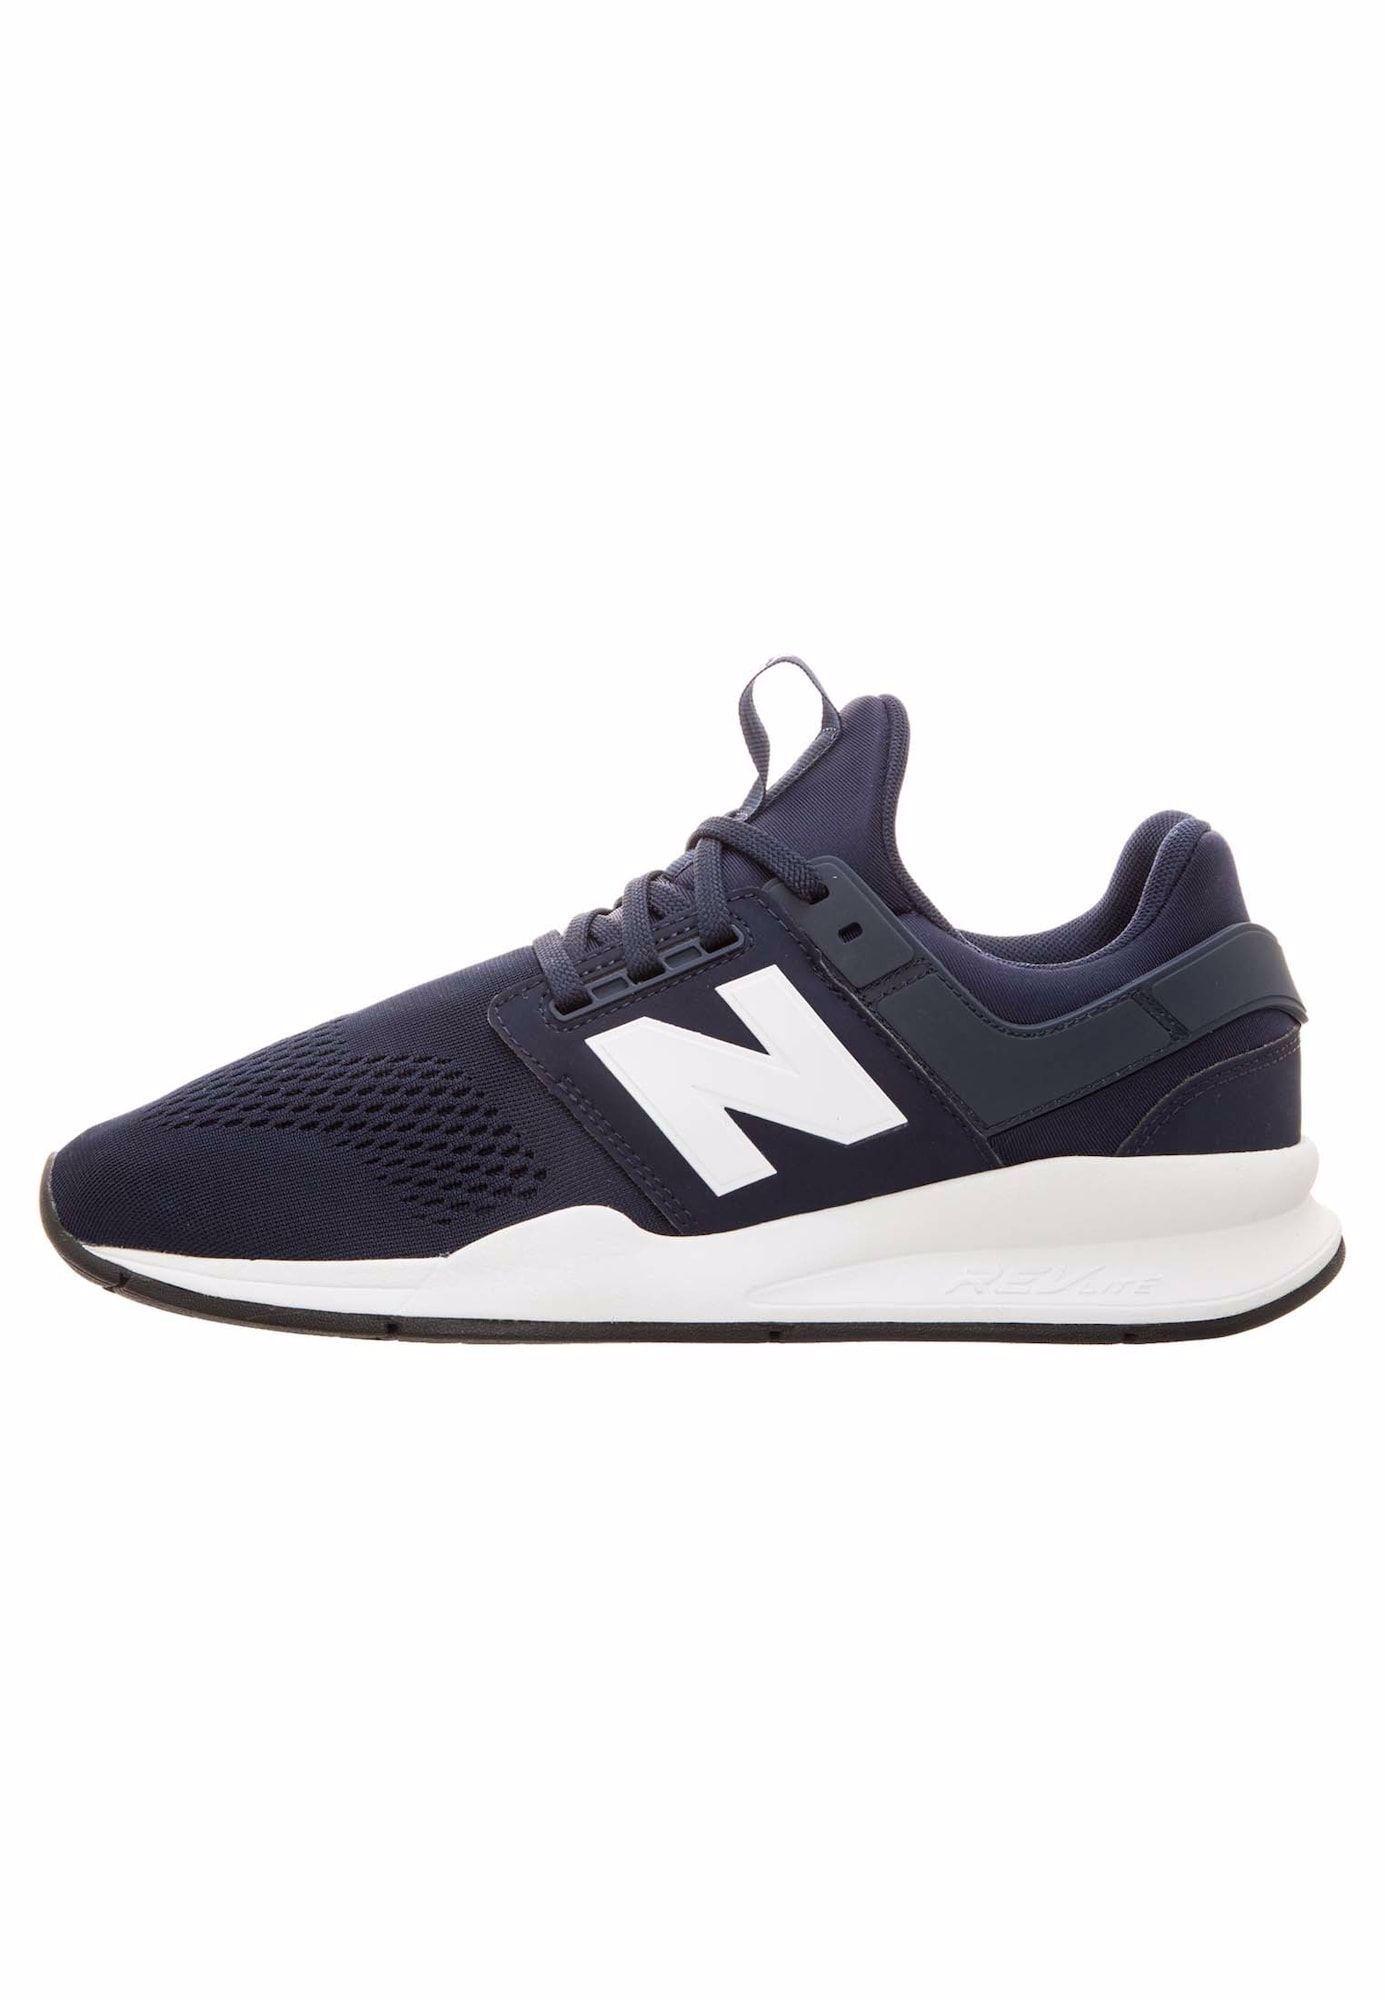 New Balance Sneaker Ms247 En D In Blau In 2020 Sneakers New Balance New Balance Sneaker